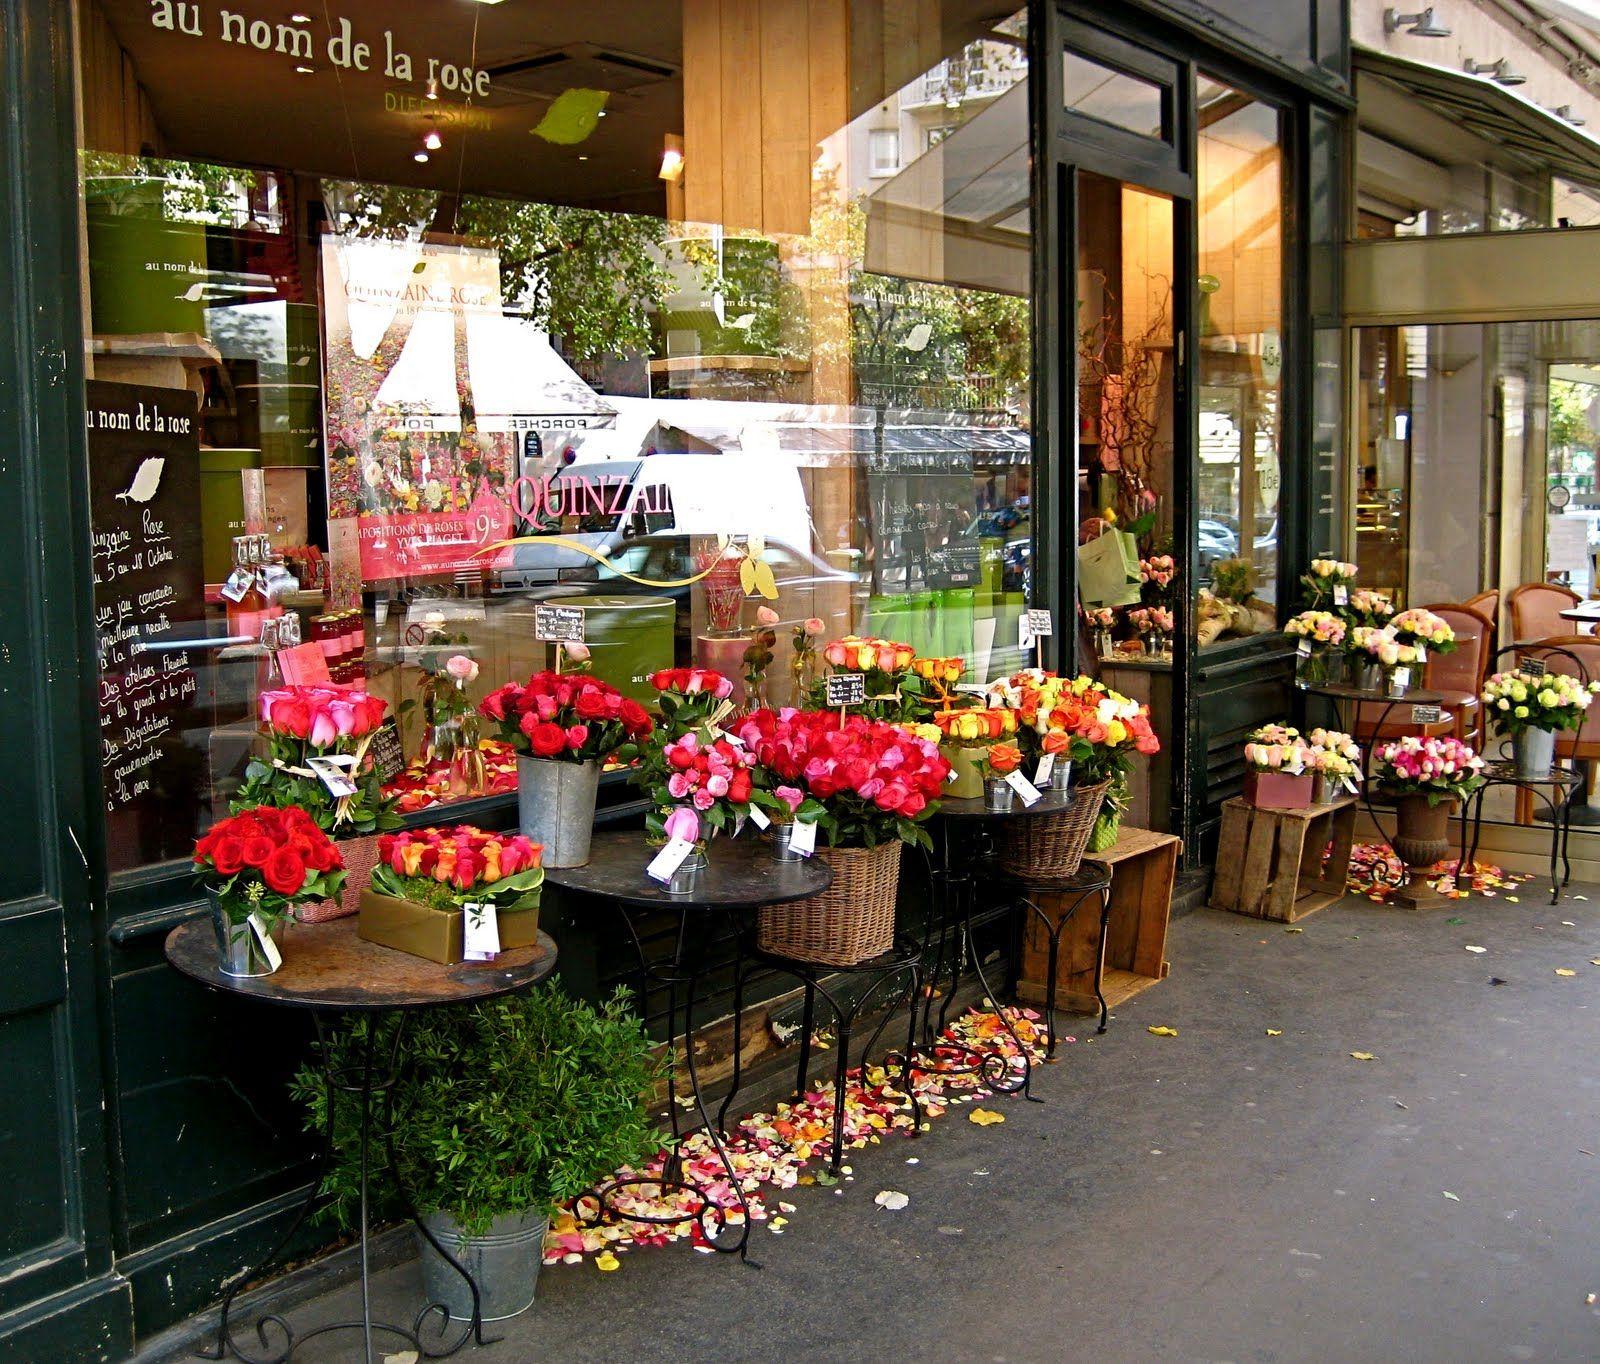 Магазин, магазин цветов париж